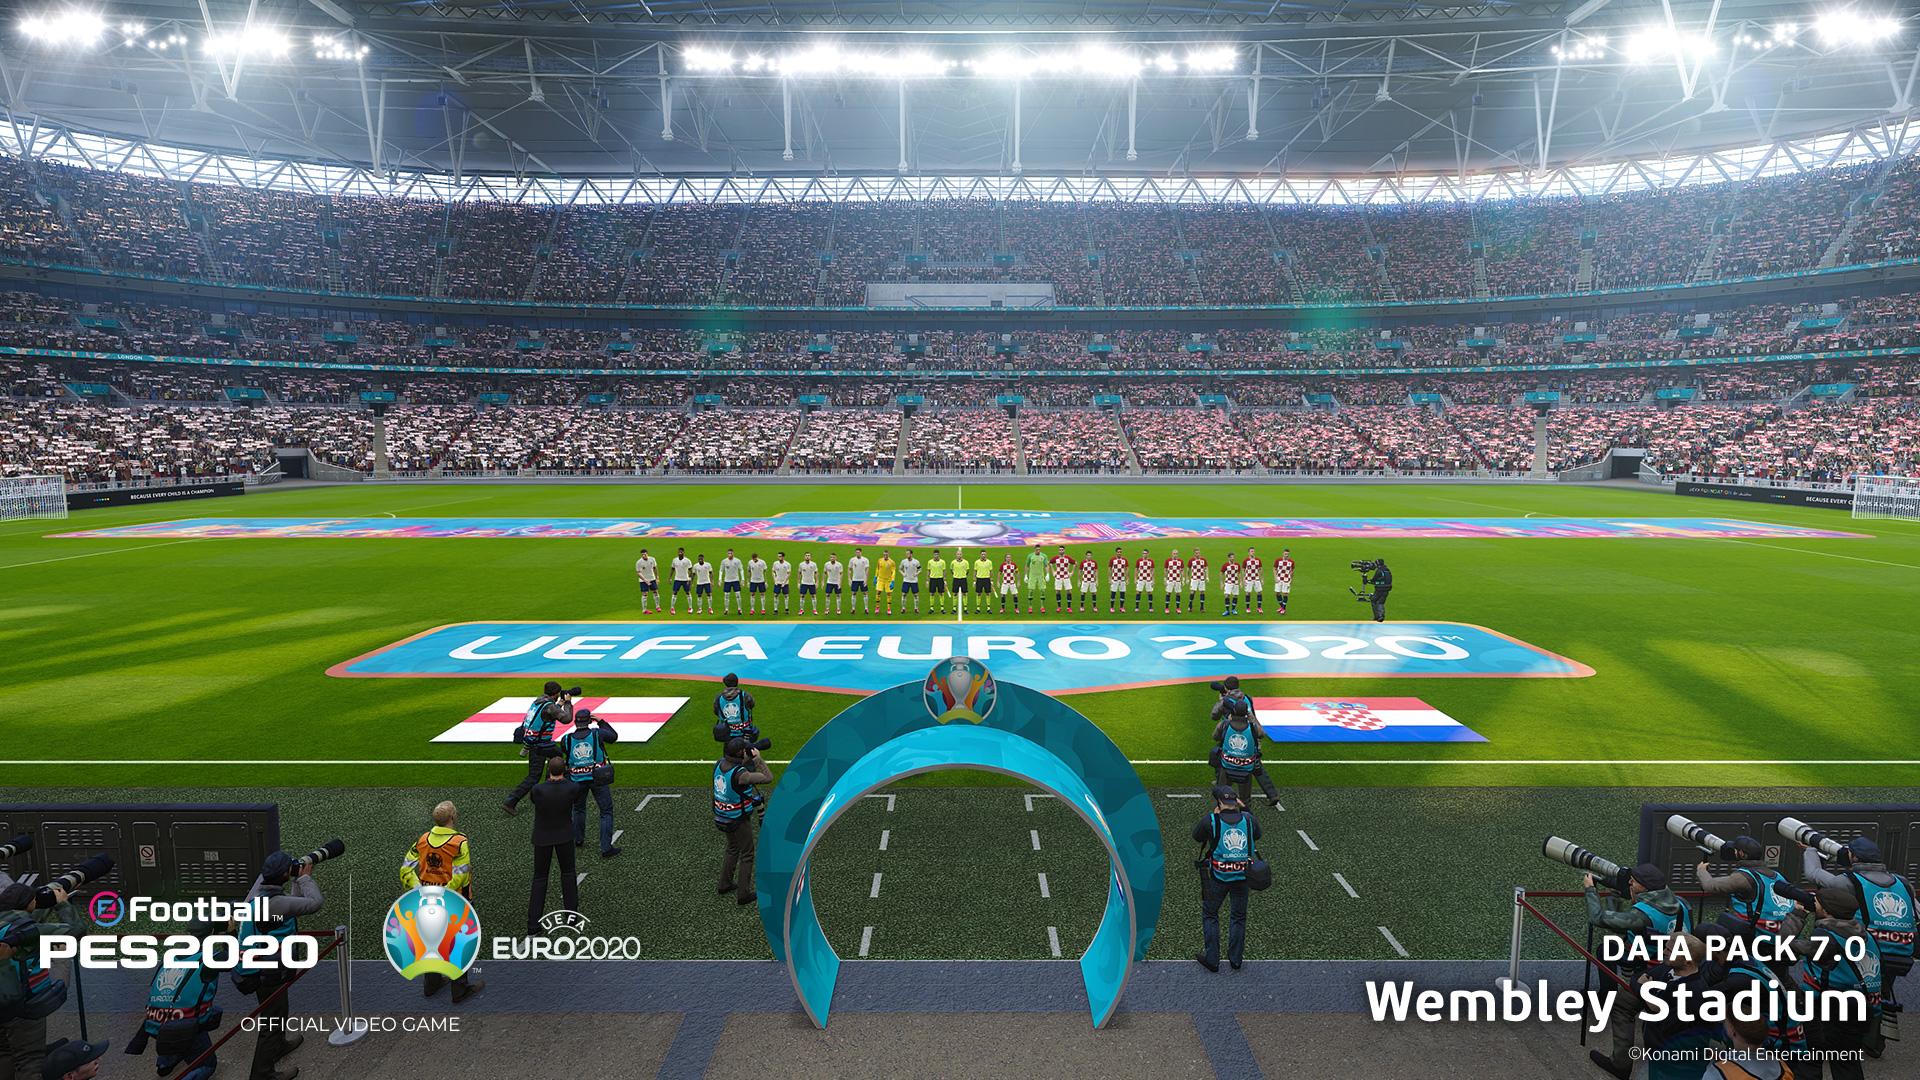 uefa-euro-2020-pes